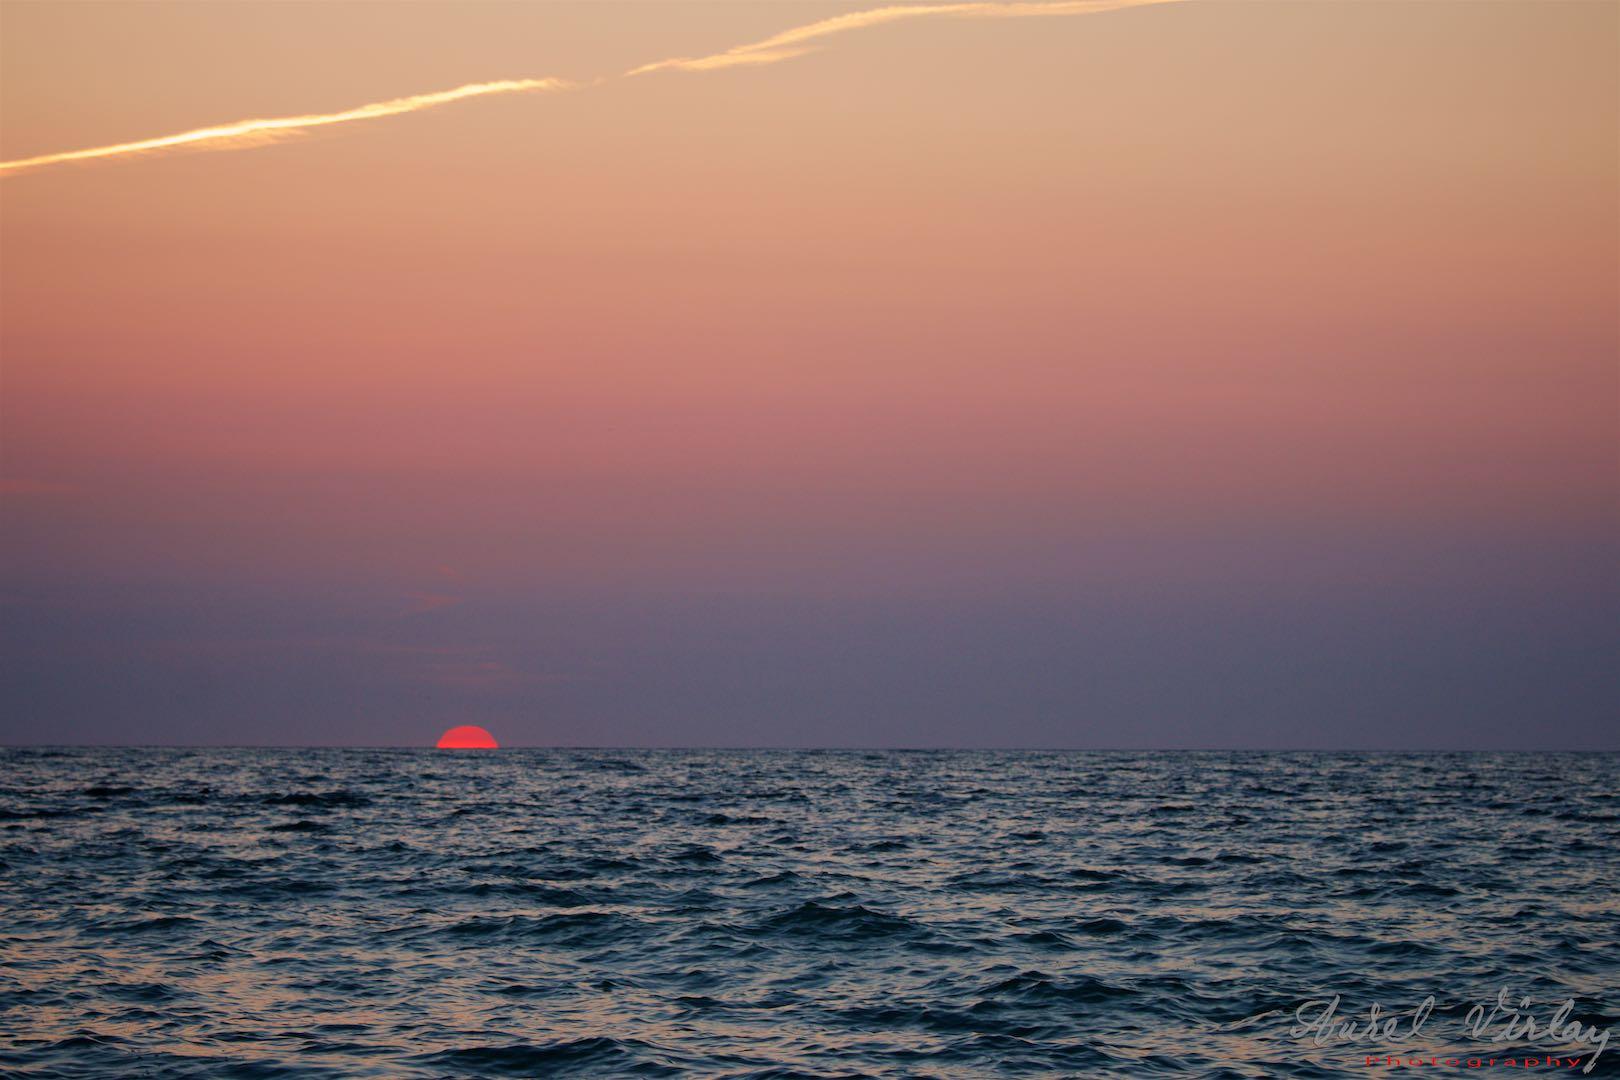 Sunrise in the decisive moment.